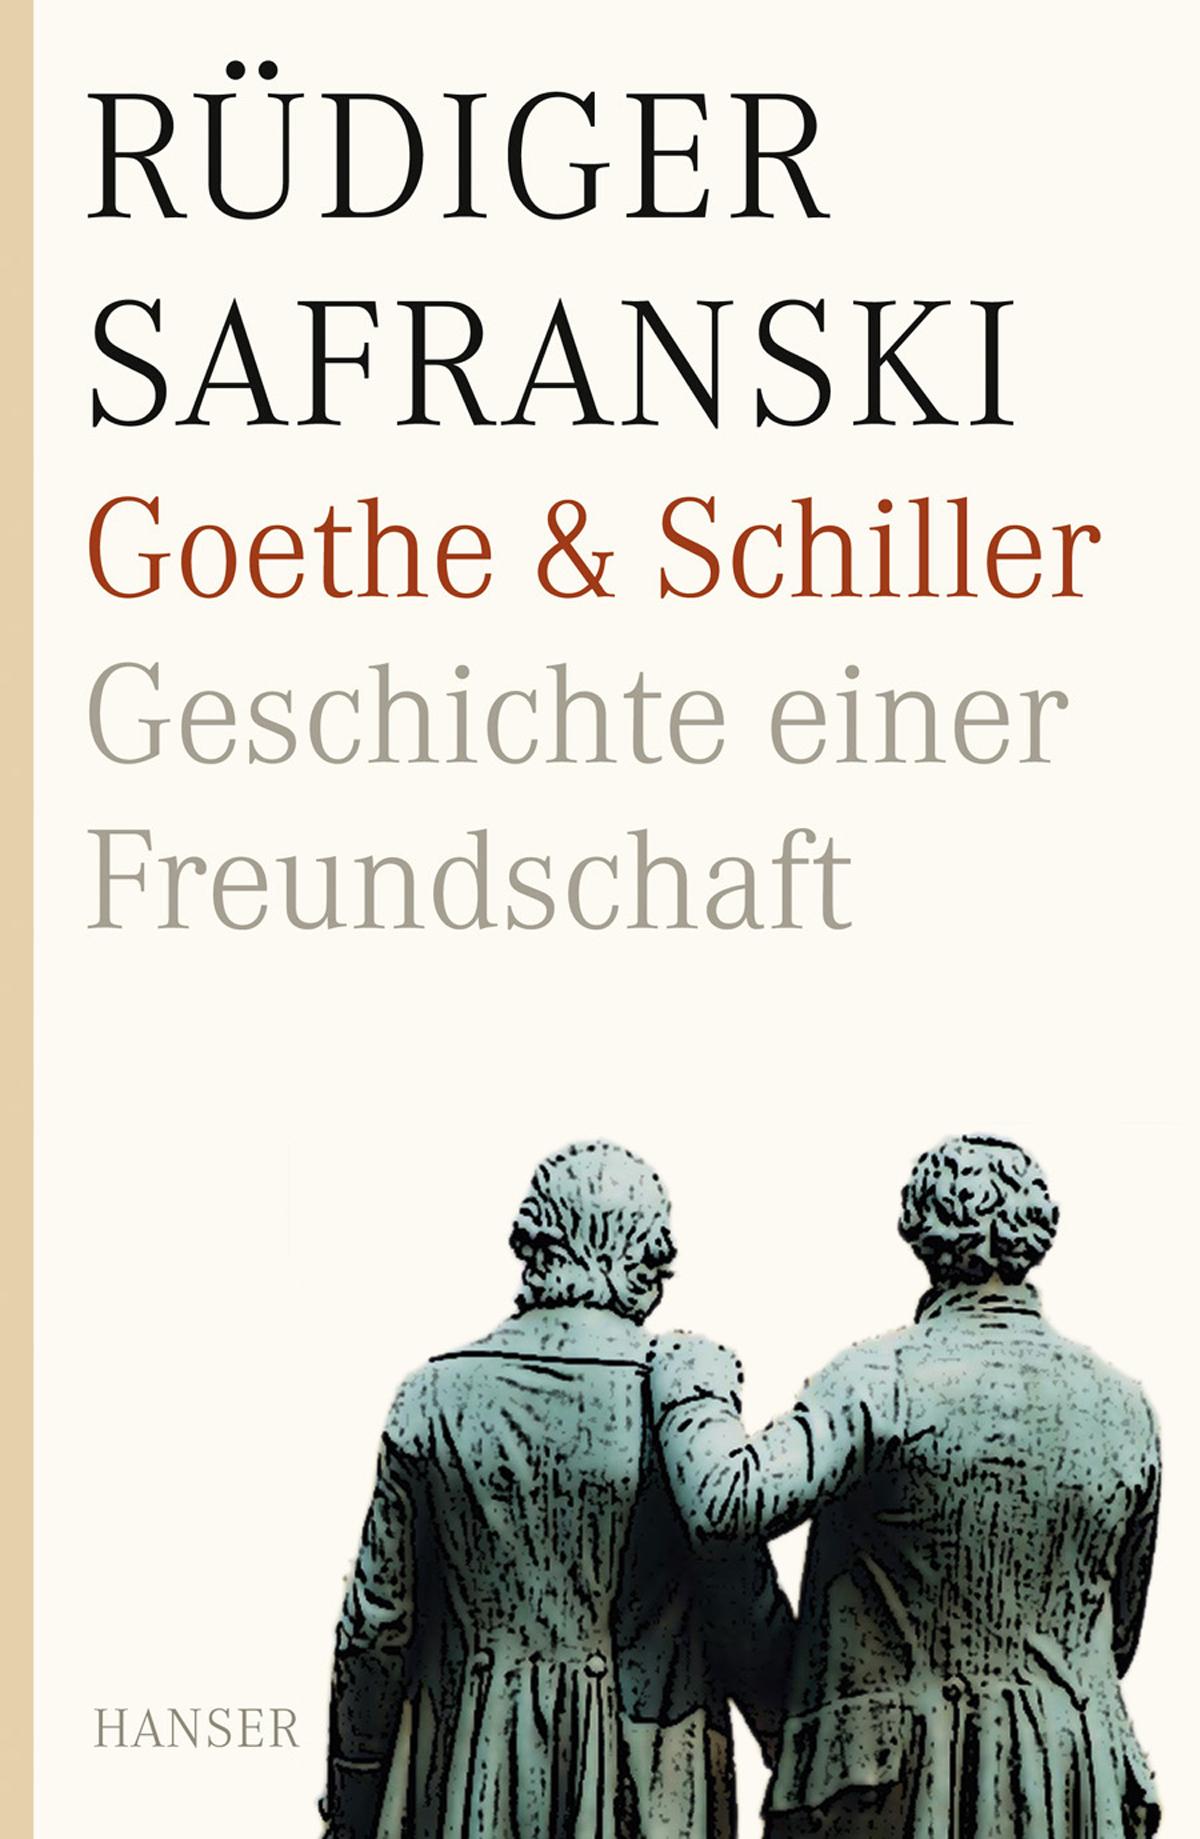 Goethe und Schiller. Geschichte einer Freundschaft - Rüdiger Safranski